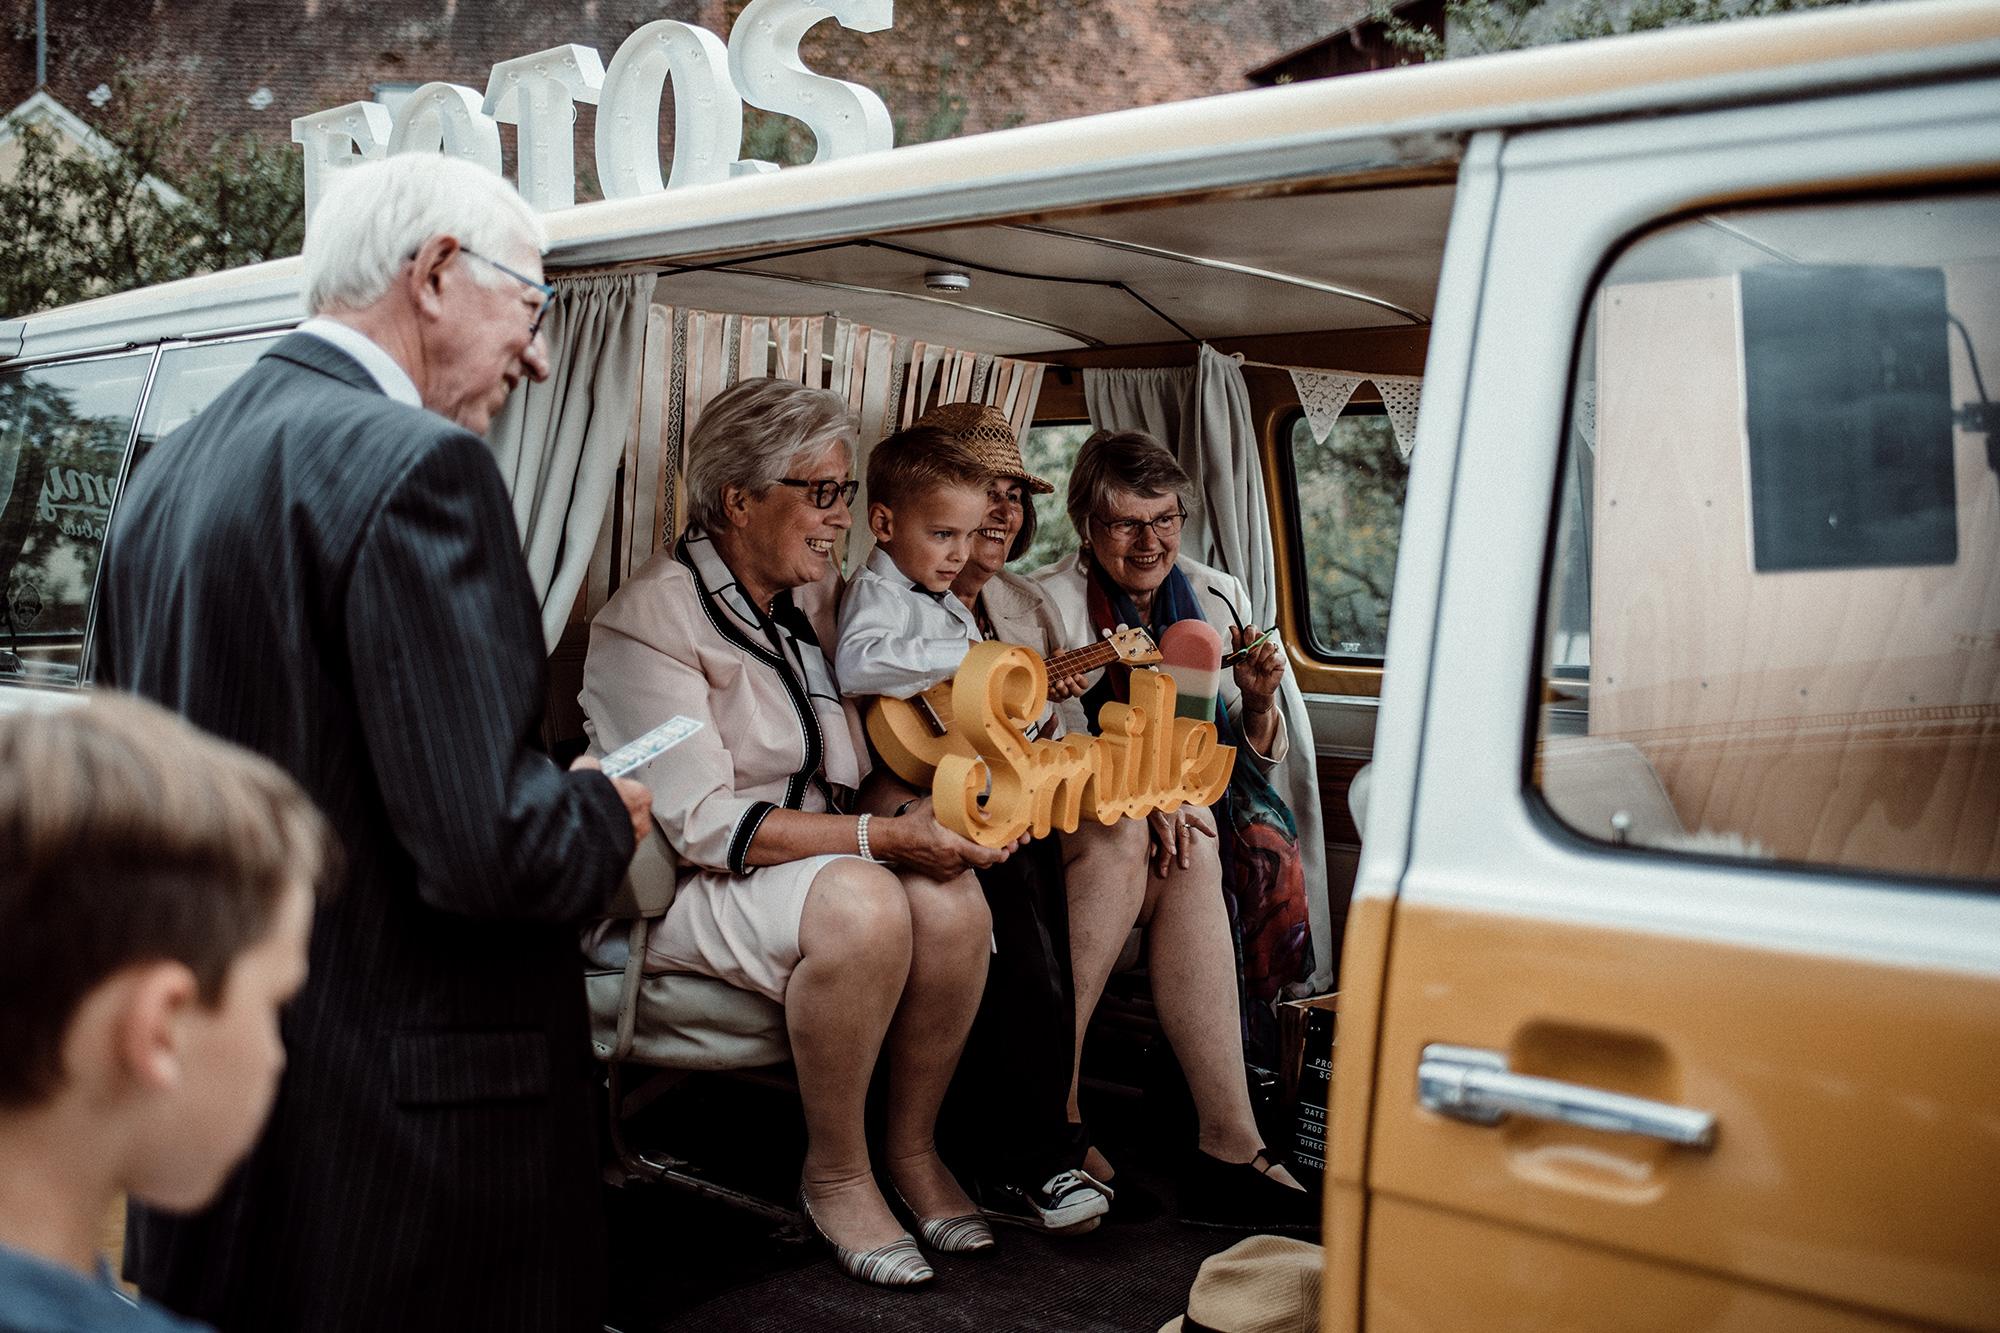 Fotobus-Jimmy-Fotobulli–Hochzeit-Fotobooth-Fotobox-V15.jpg